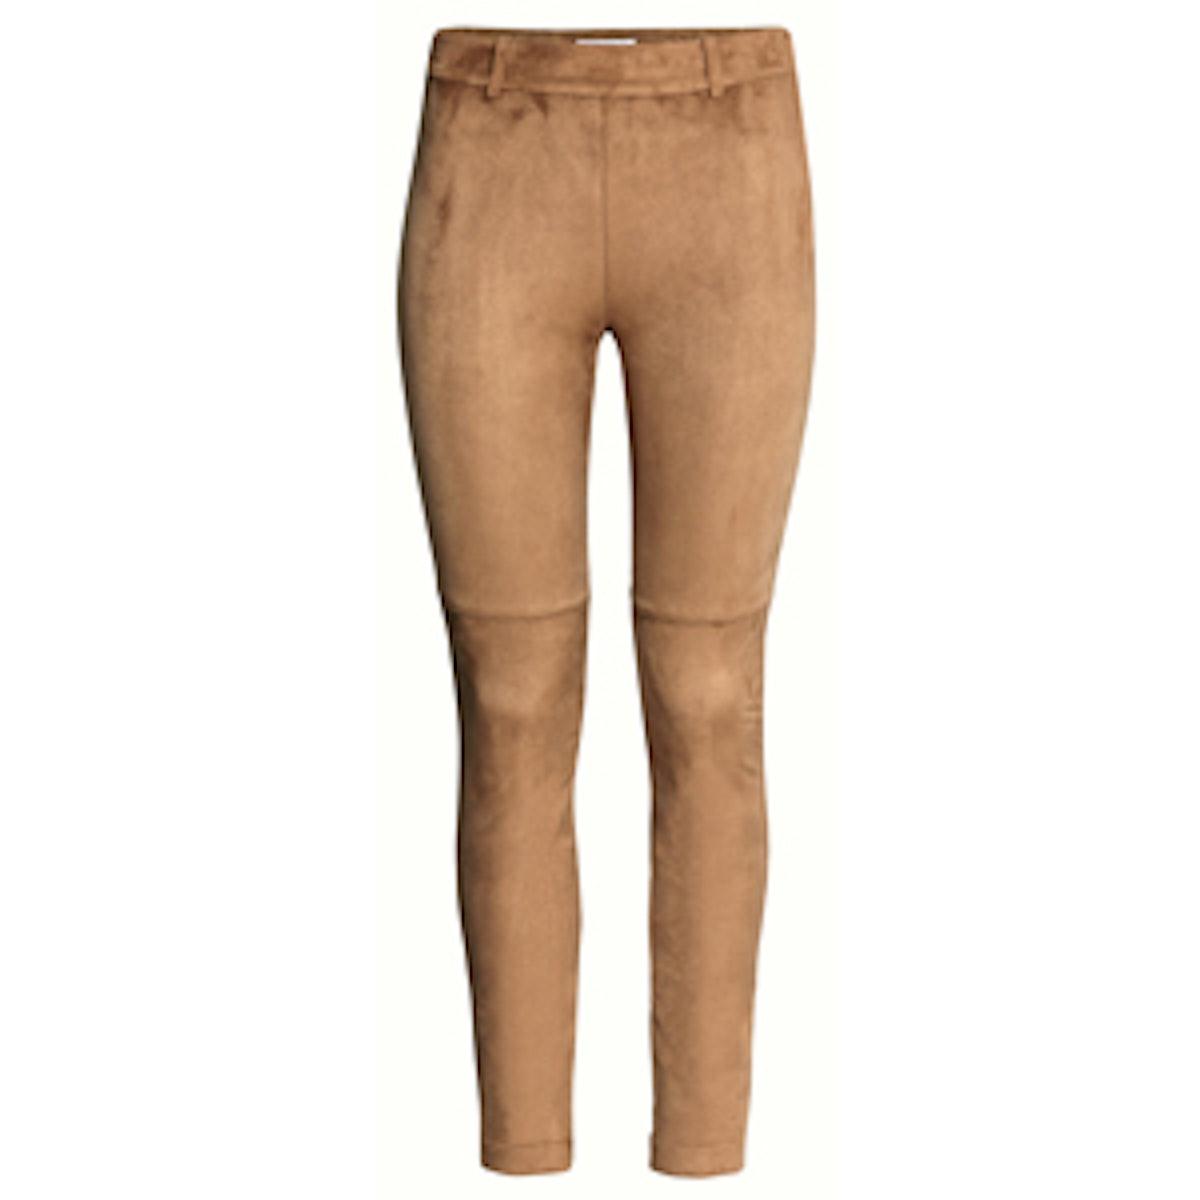 Imitation Suede Pants